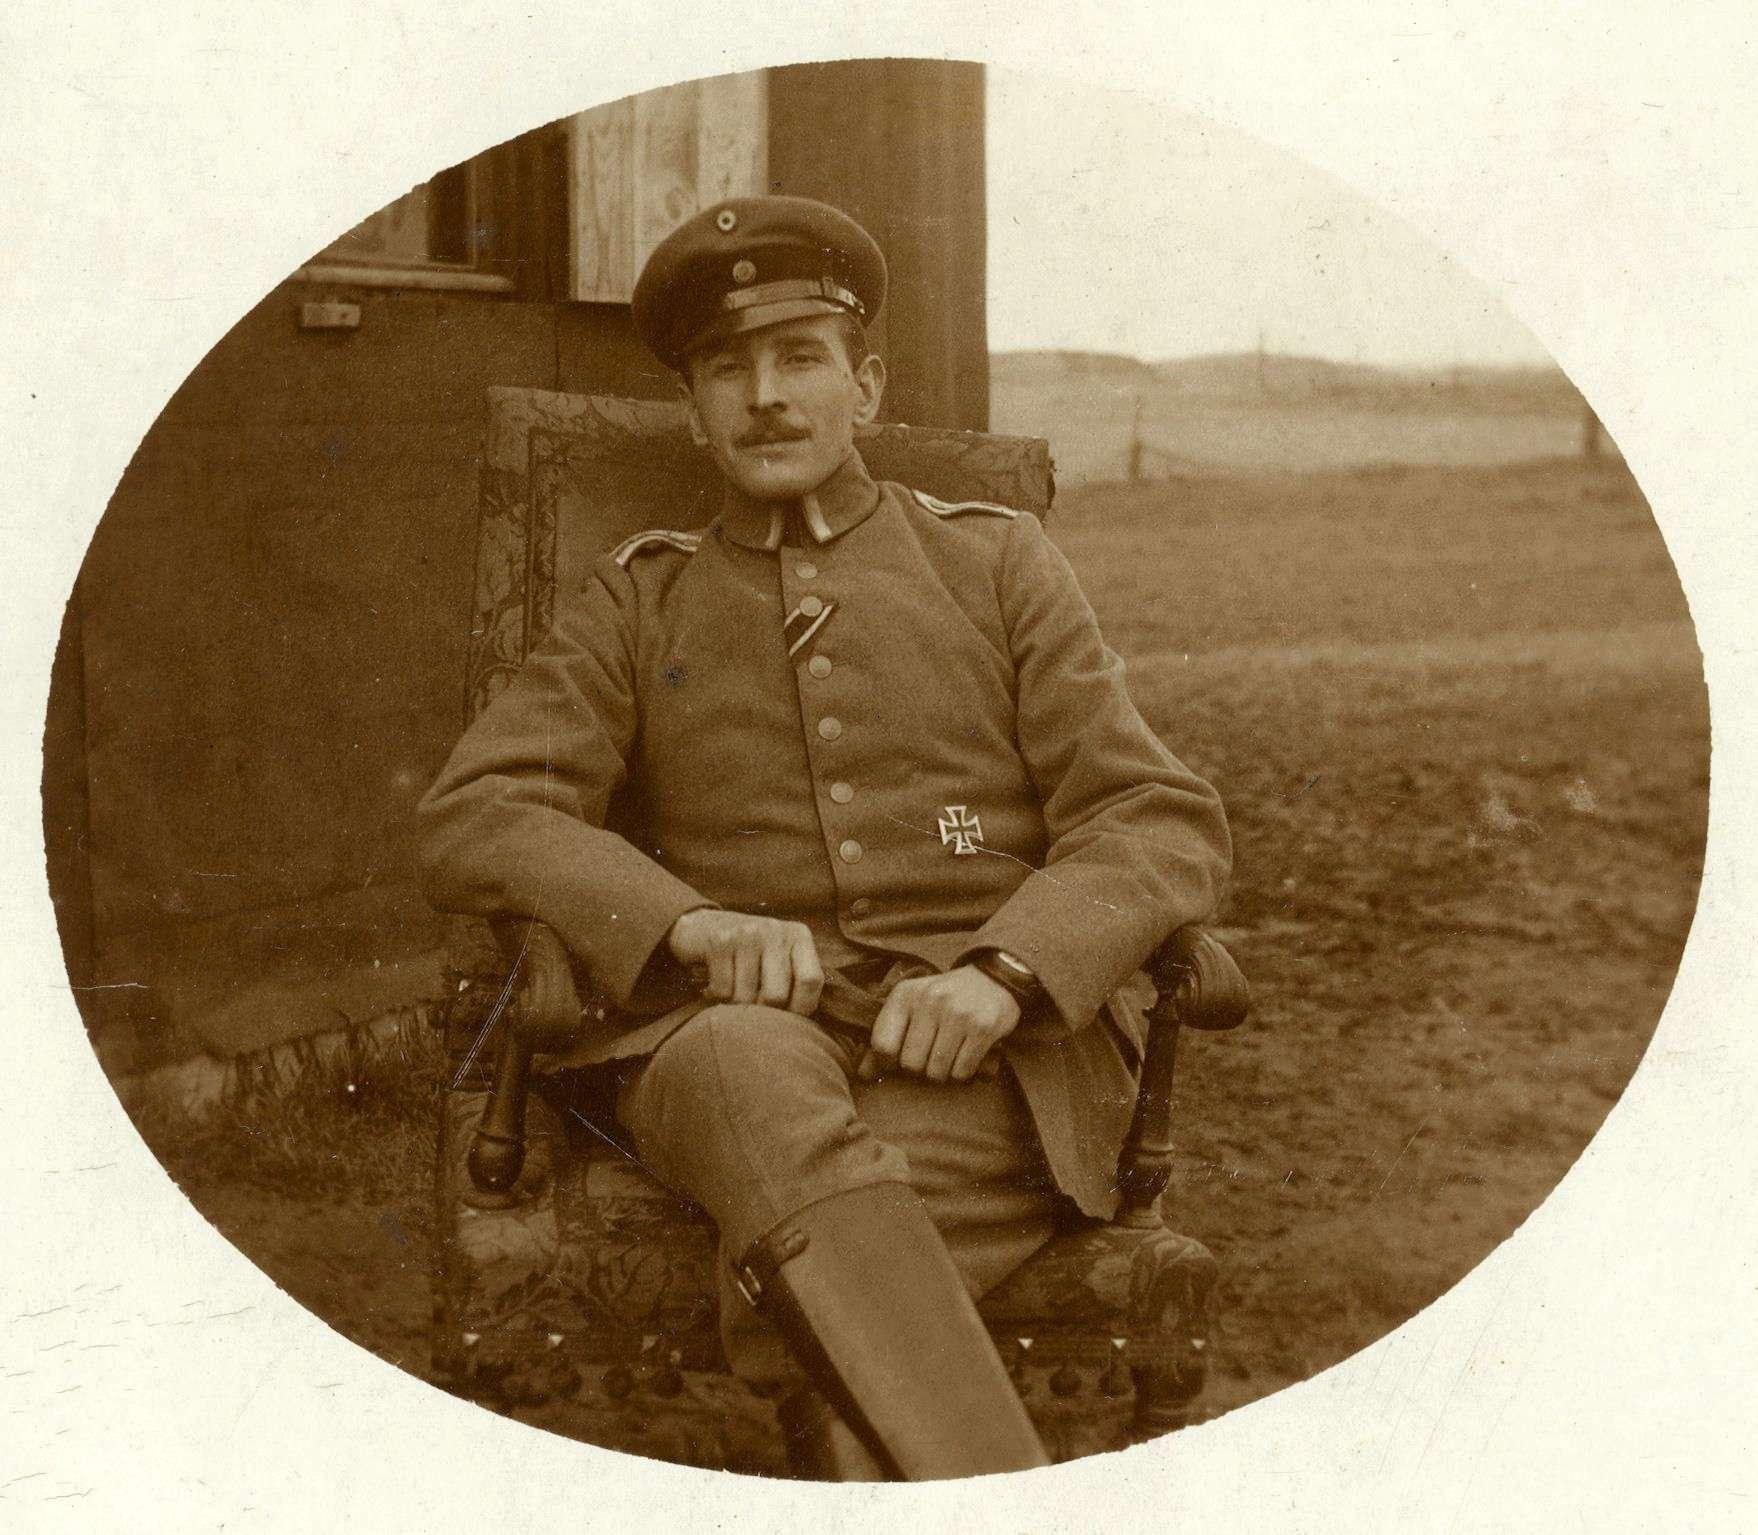 Ulrich, August, Bild 1